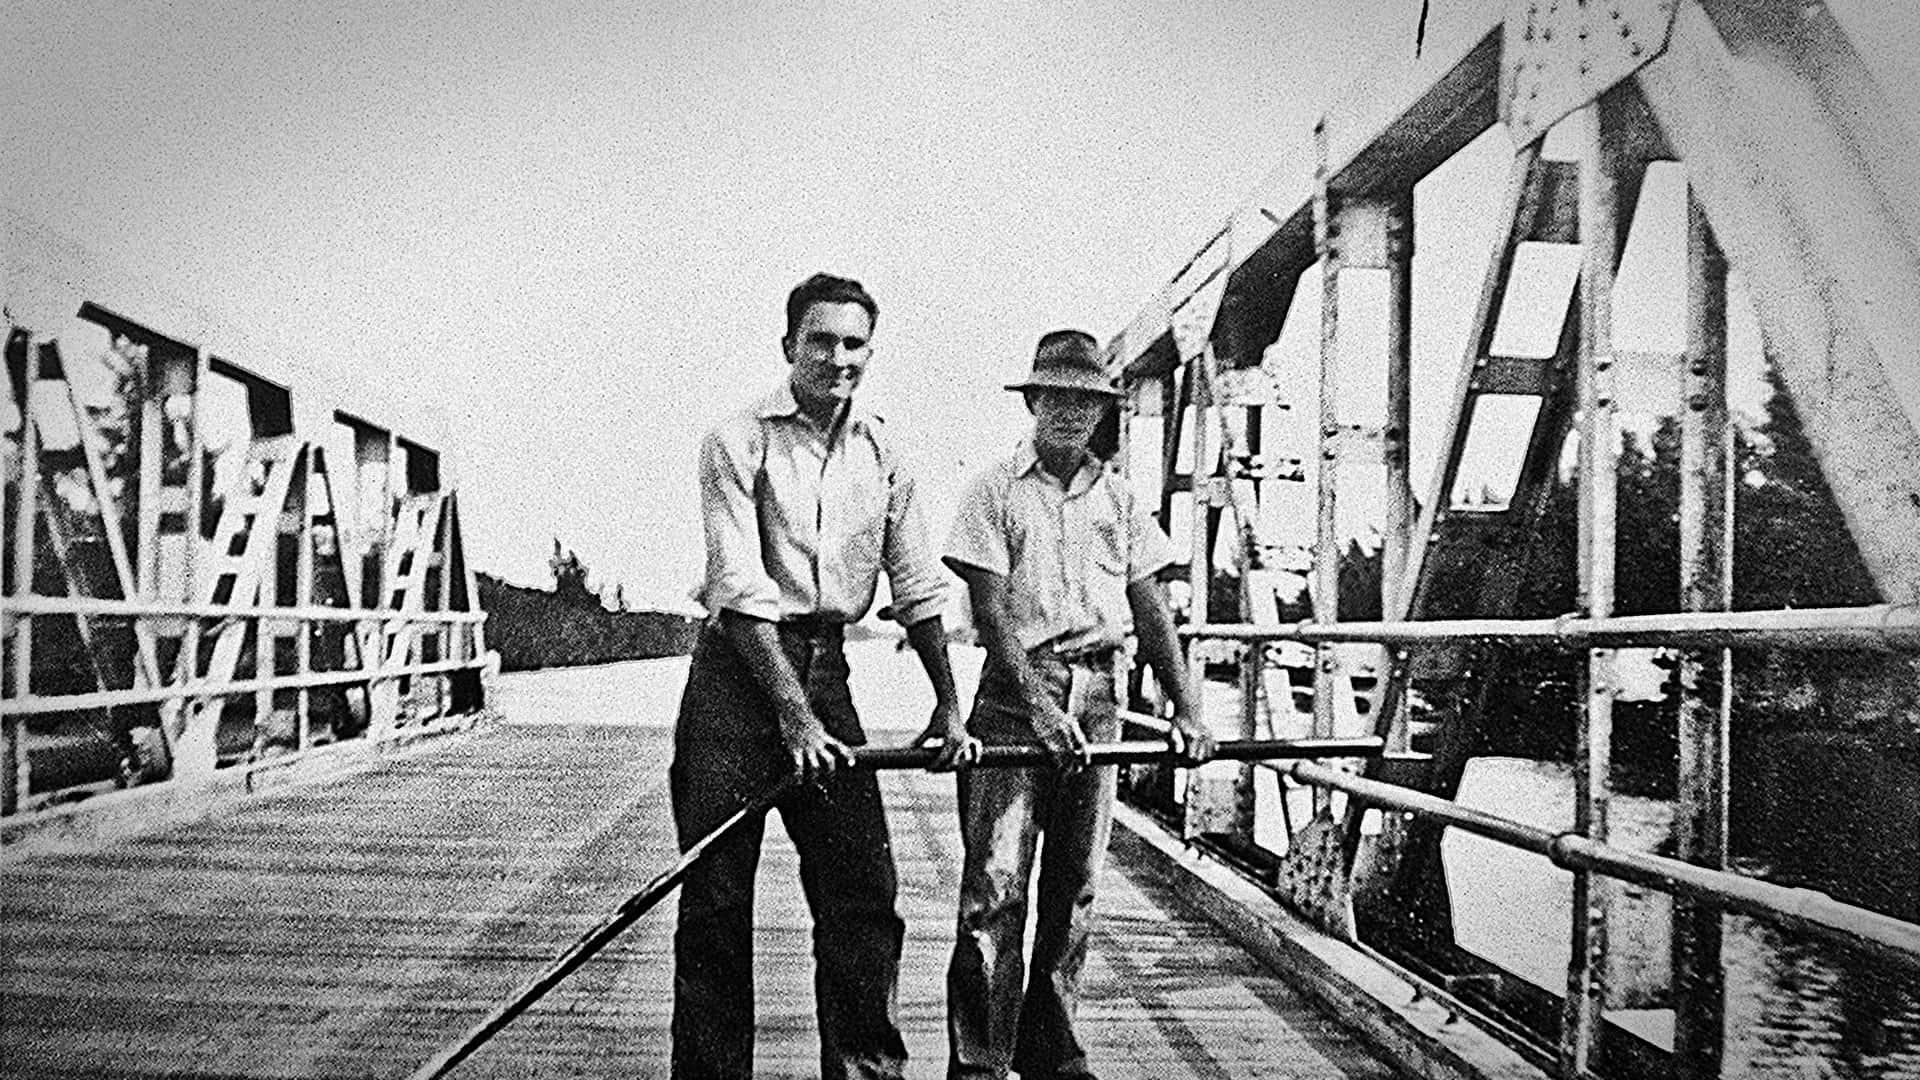 The First Bridge of Deerfield Beach, FL